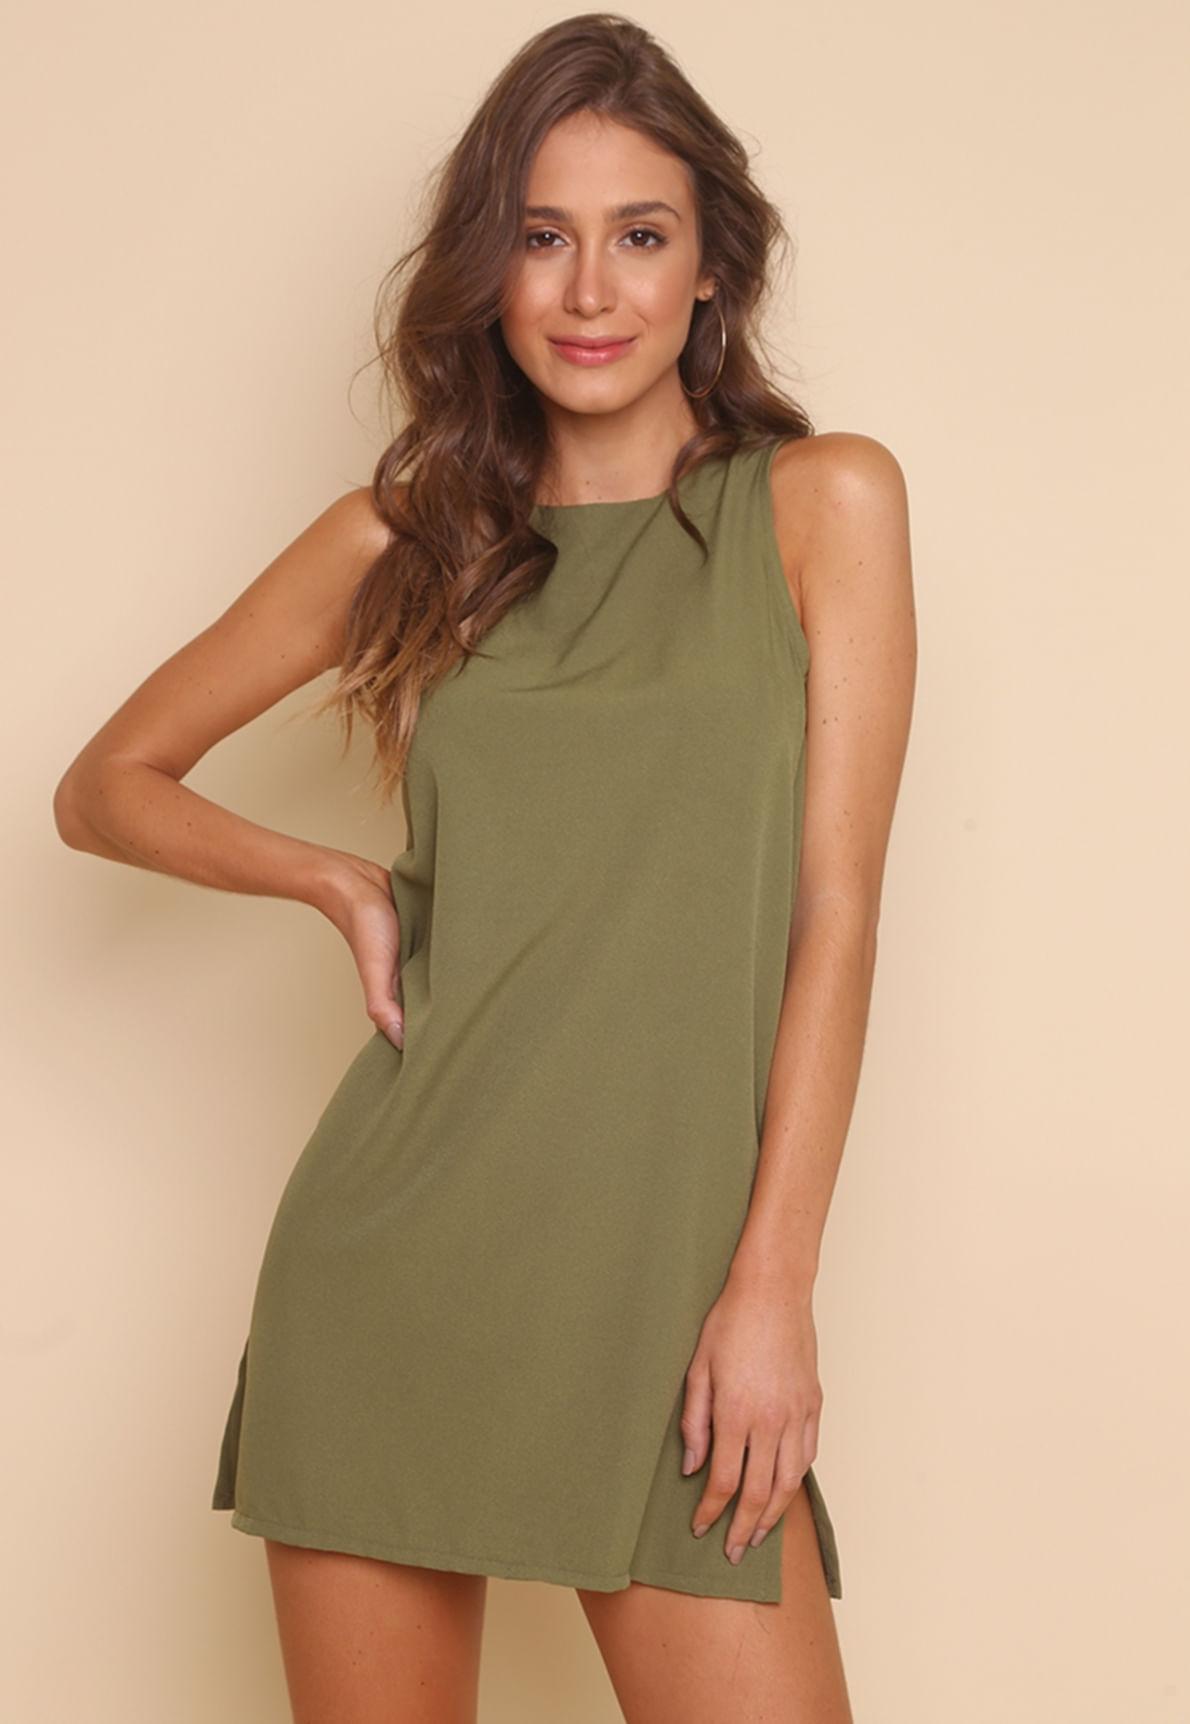 28910-vestido-verde-militar-gabriela-mundo-lolita-01